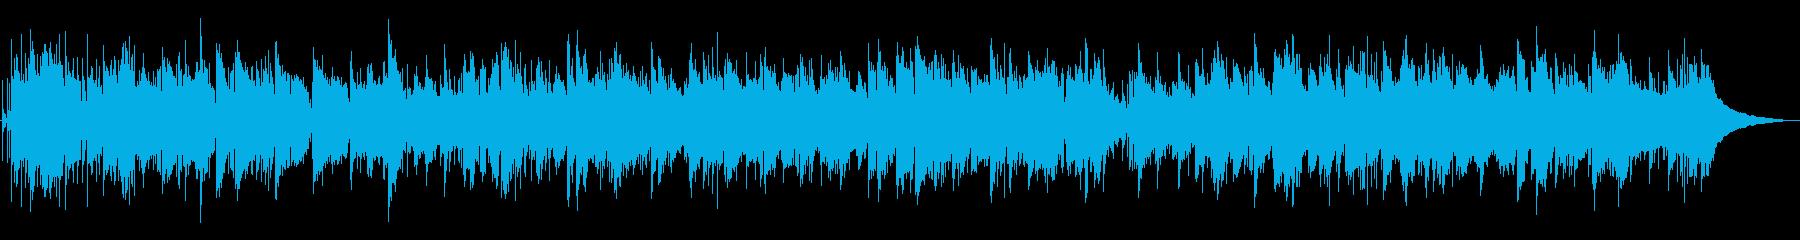 夏が似合うアコギバラードの再生済みの波形